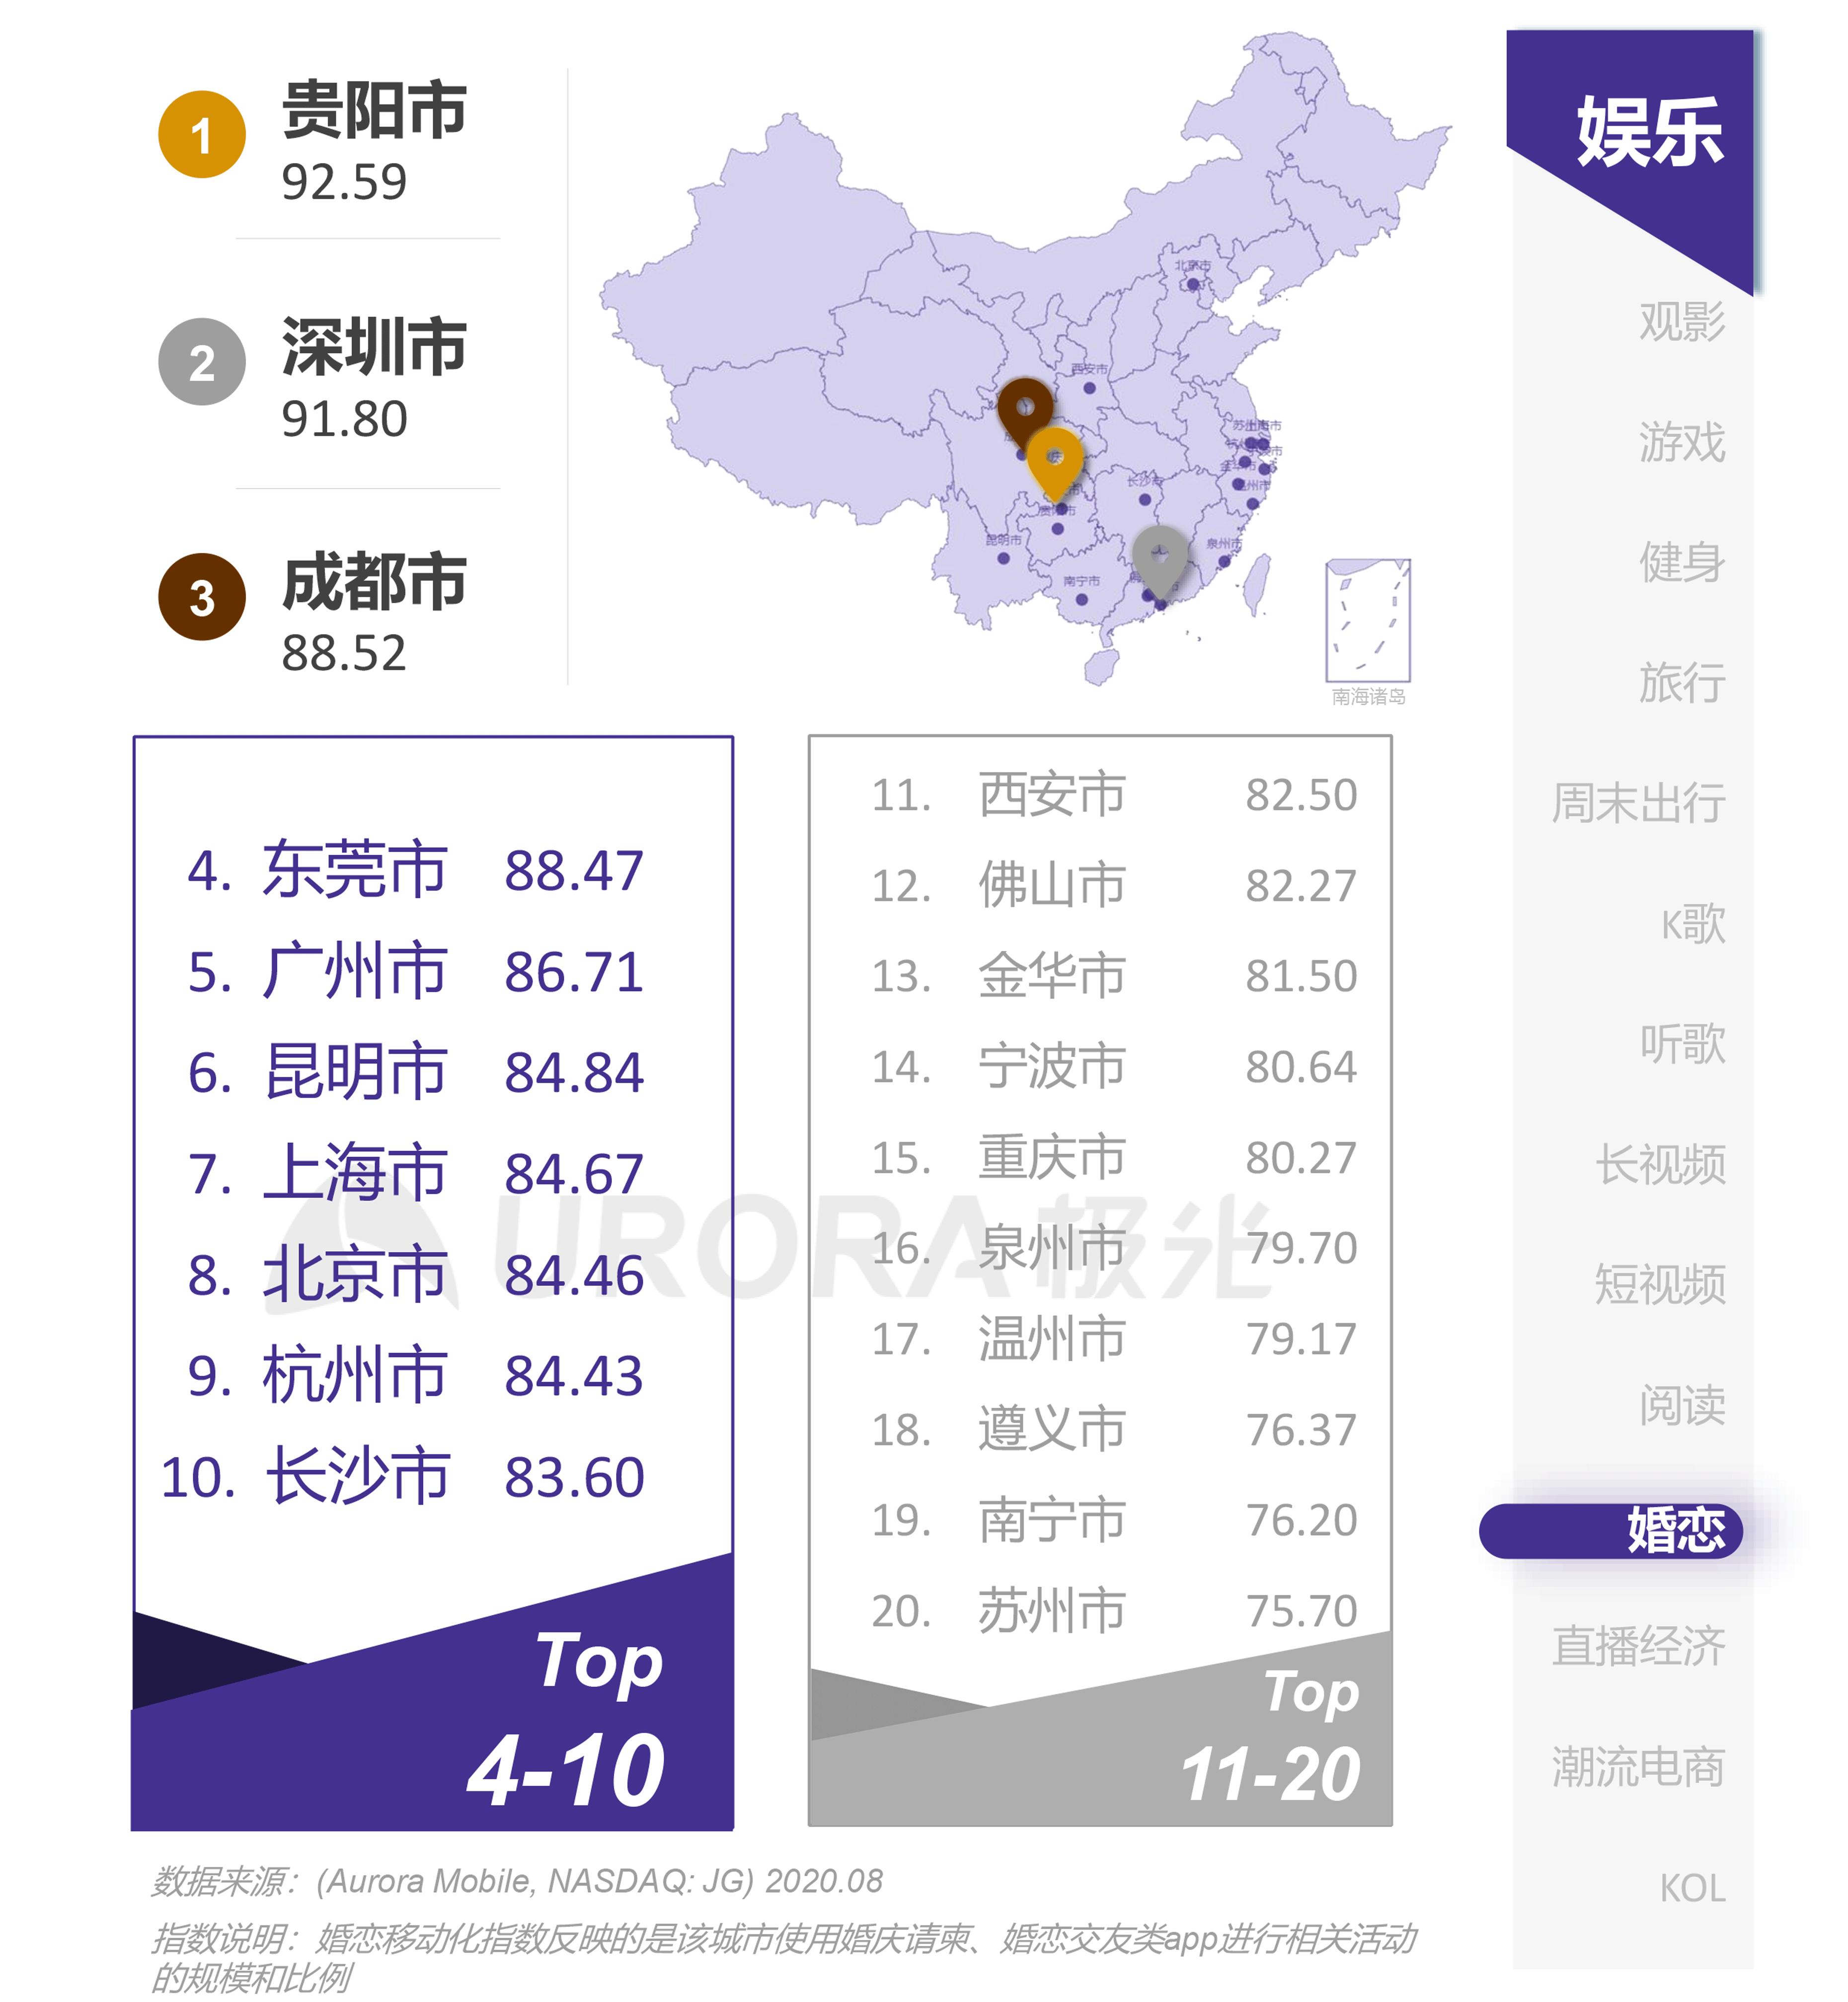 极光:互联网城市榜单 (29).png